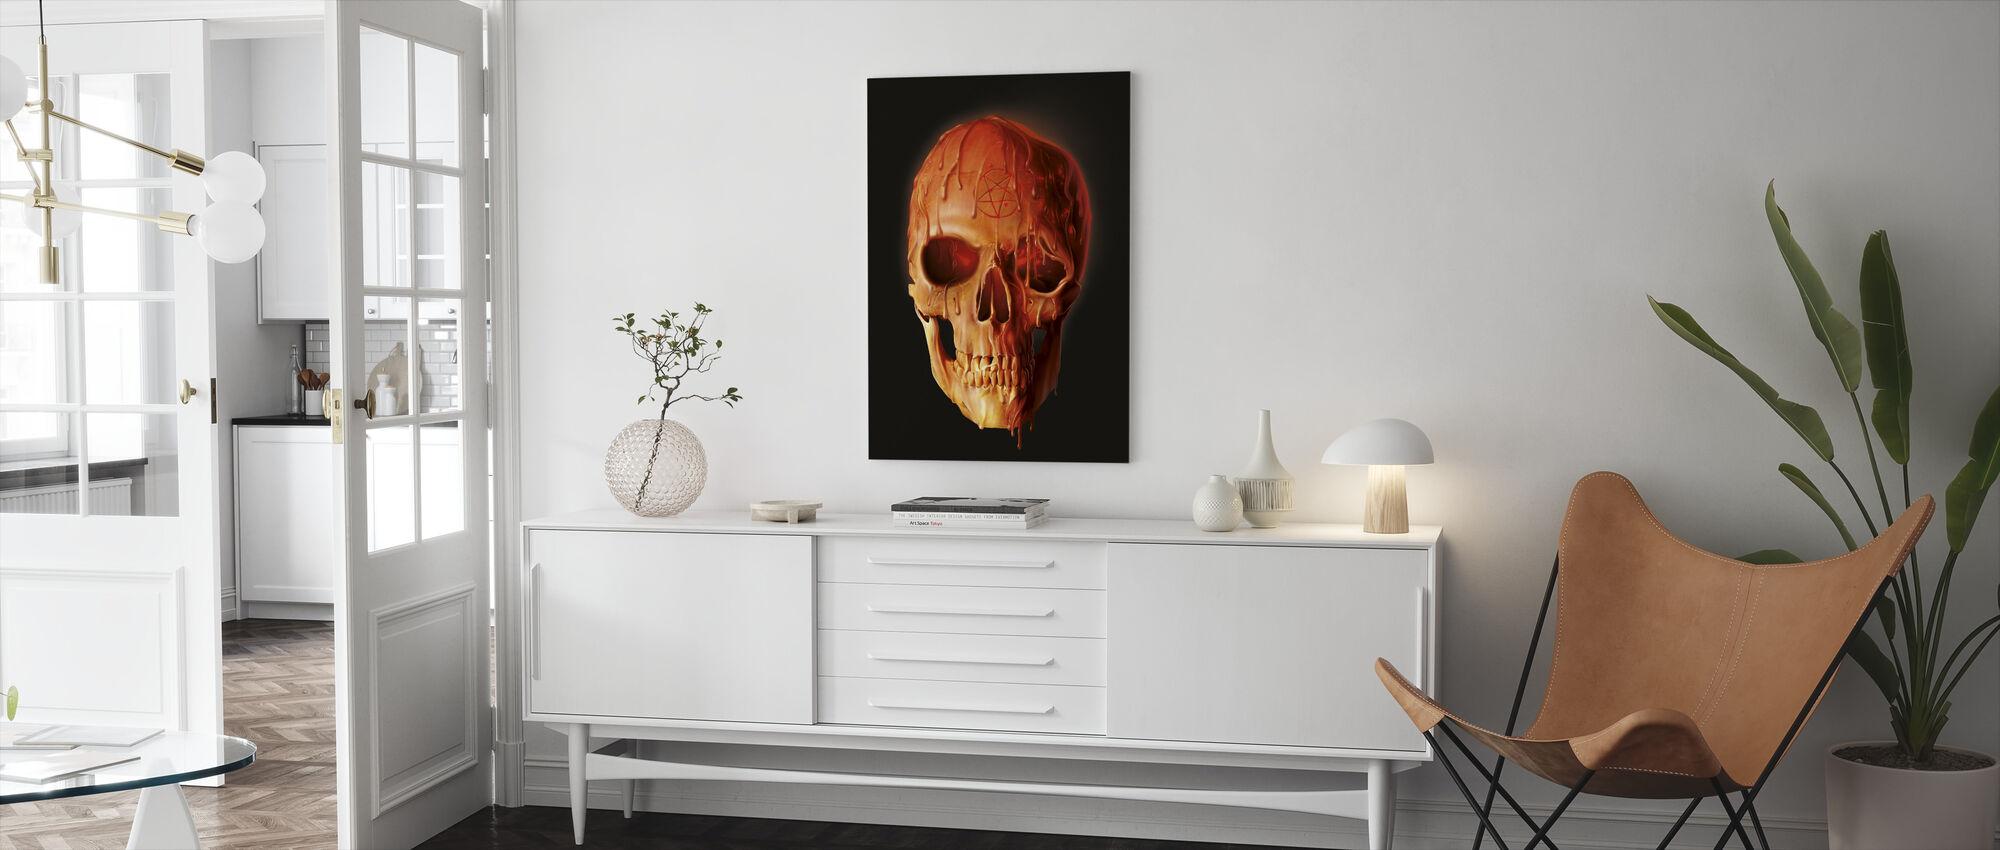 Wax Schegel - Canvas print - Woonkamer